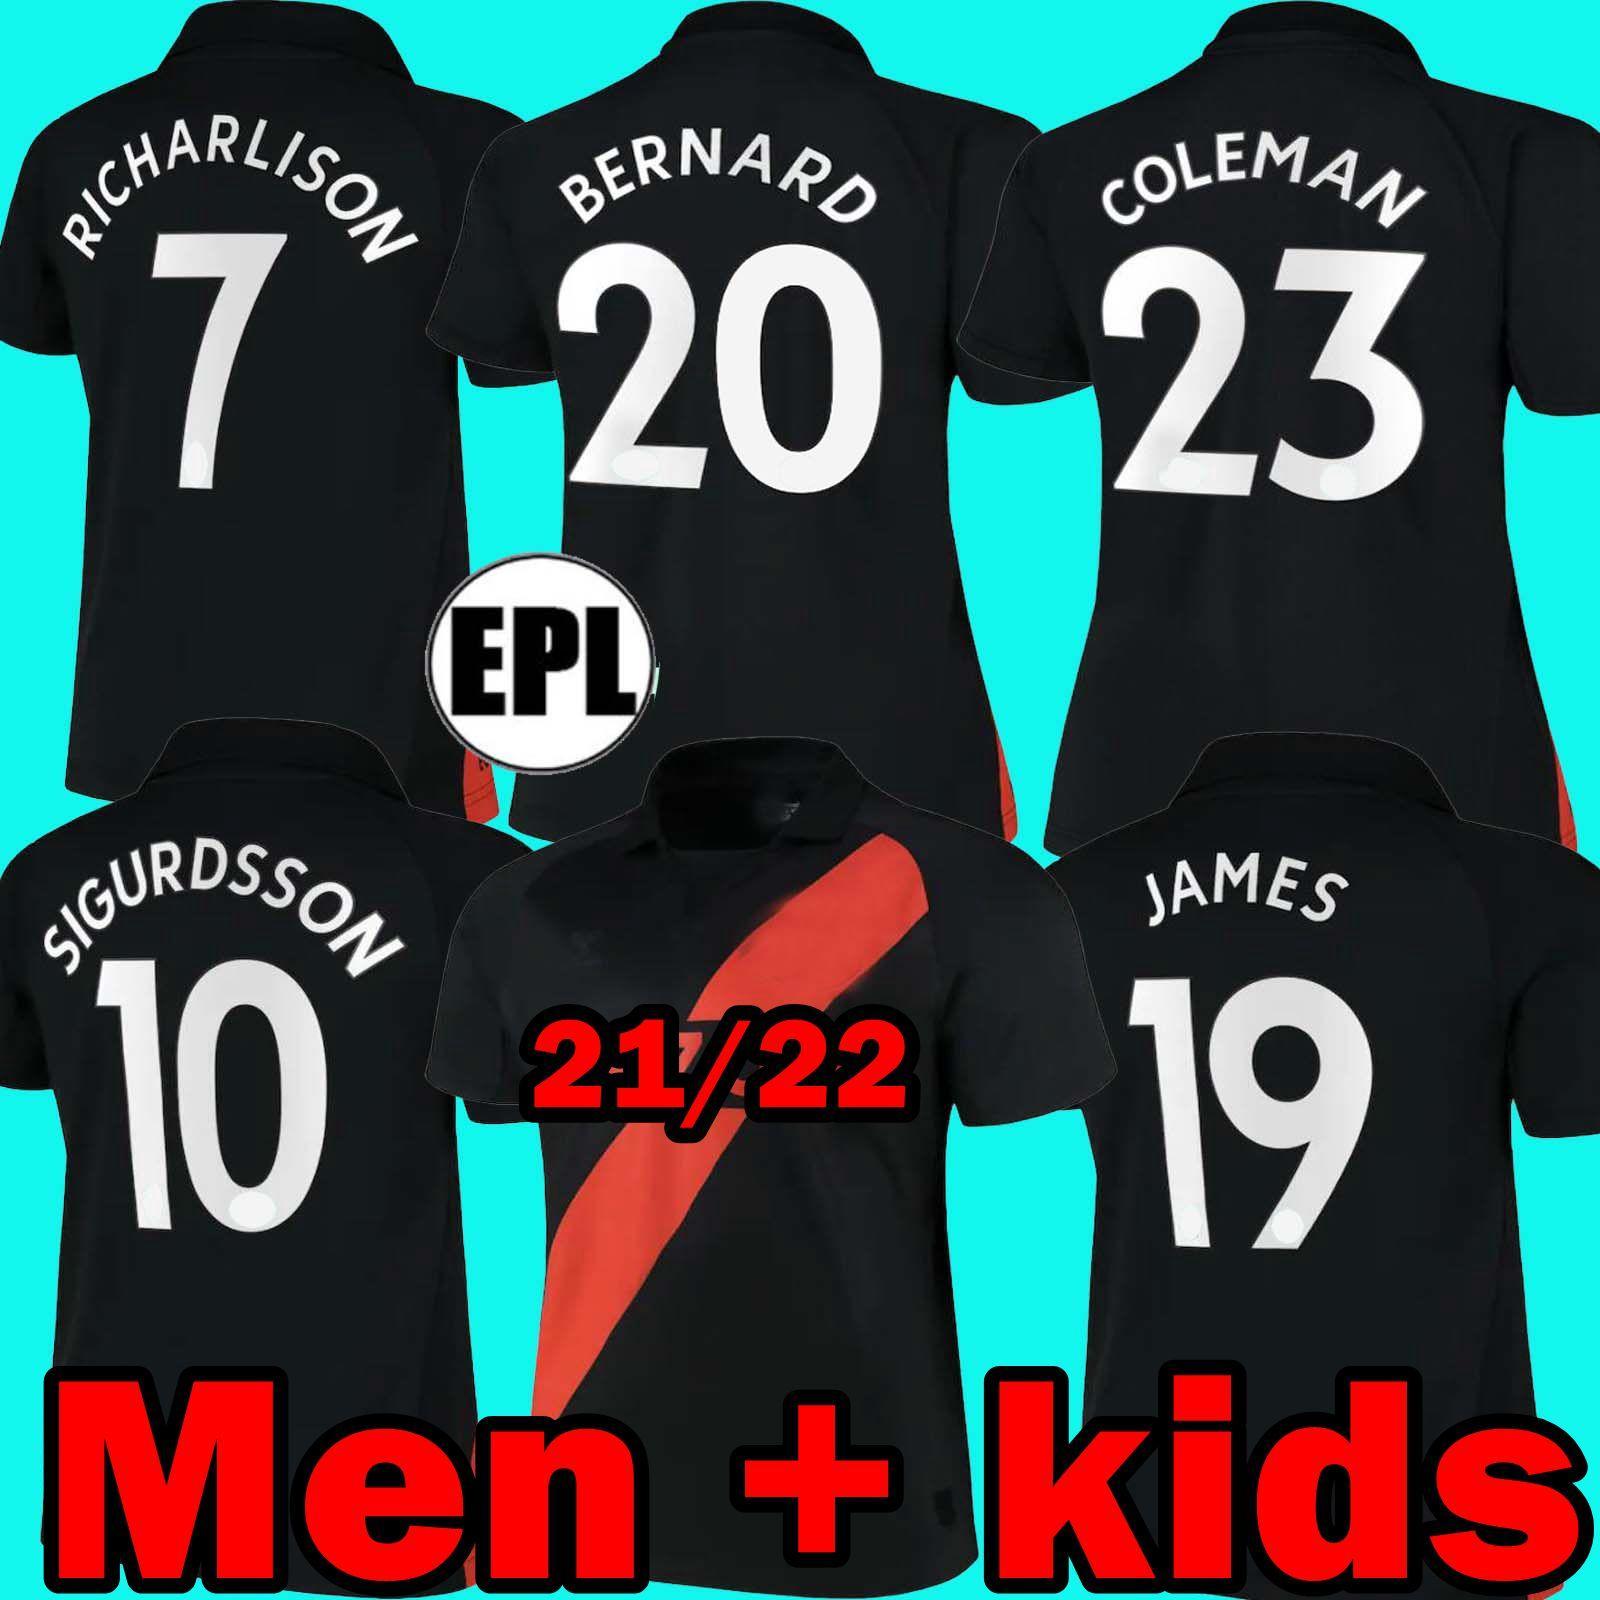 20 21 Jersey Eğitim Suit Verratti 2020 2021 di Maria Kean Futbol Mbappe Futbol Eşofman